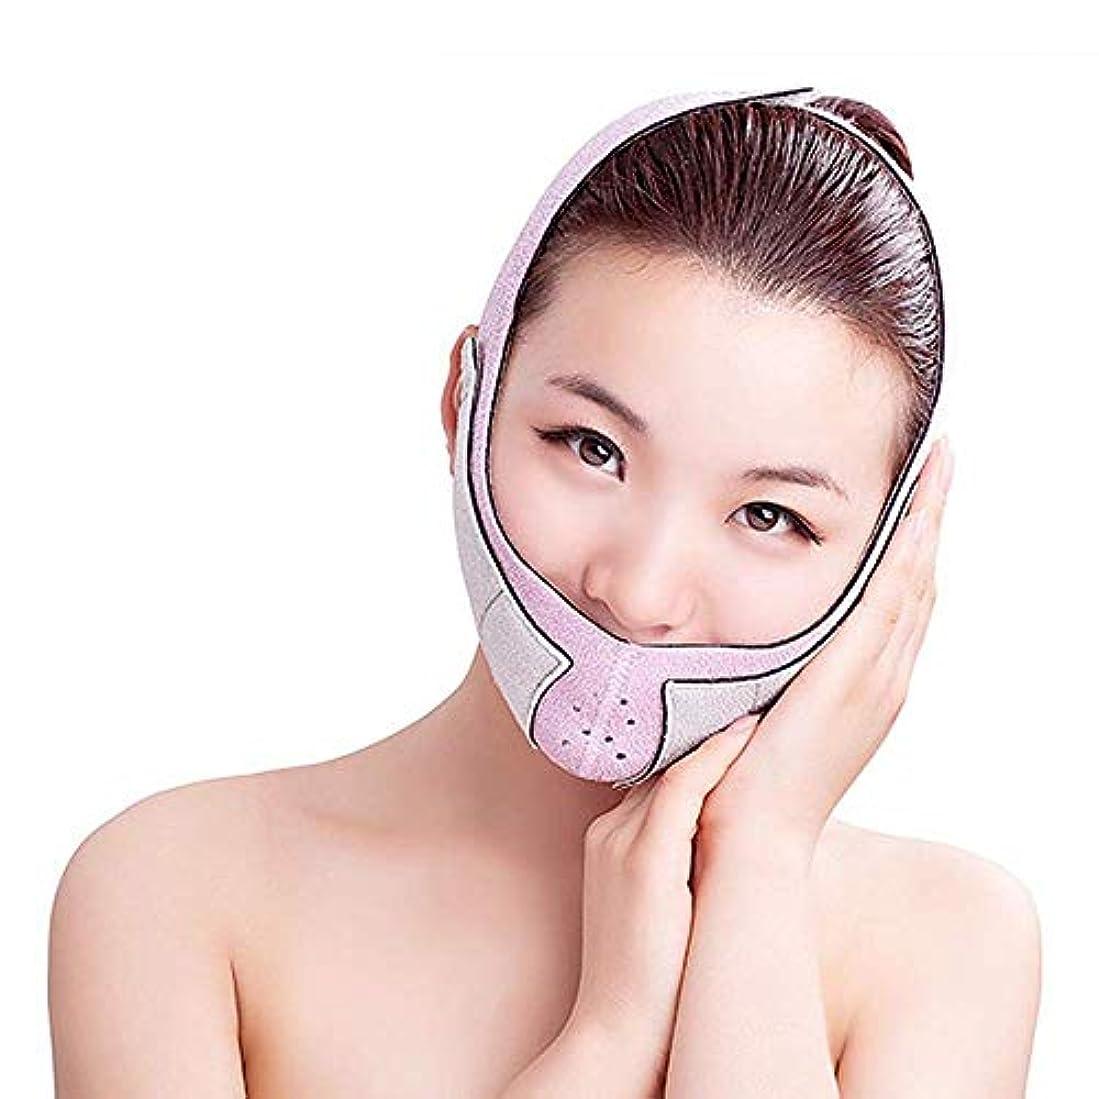 領域スチュアート島長くする薄い顔ベルト薄い顔ベルト通気性の補正3D薄い顔V顔ベルト包帯薄い顔アーティファクト (色 : B)